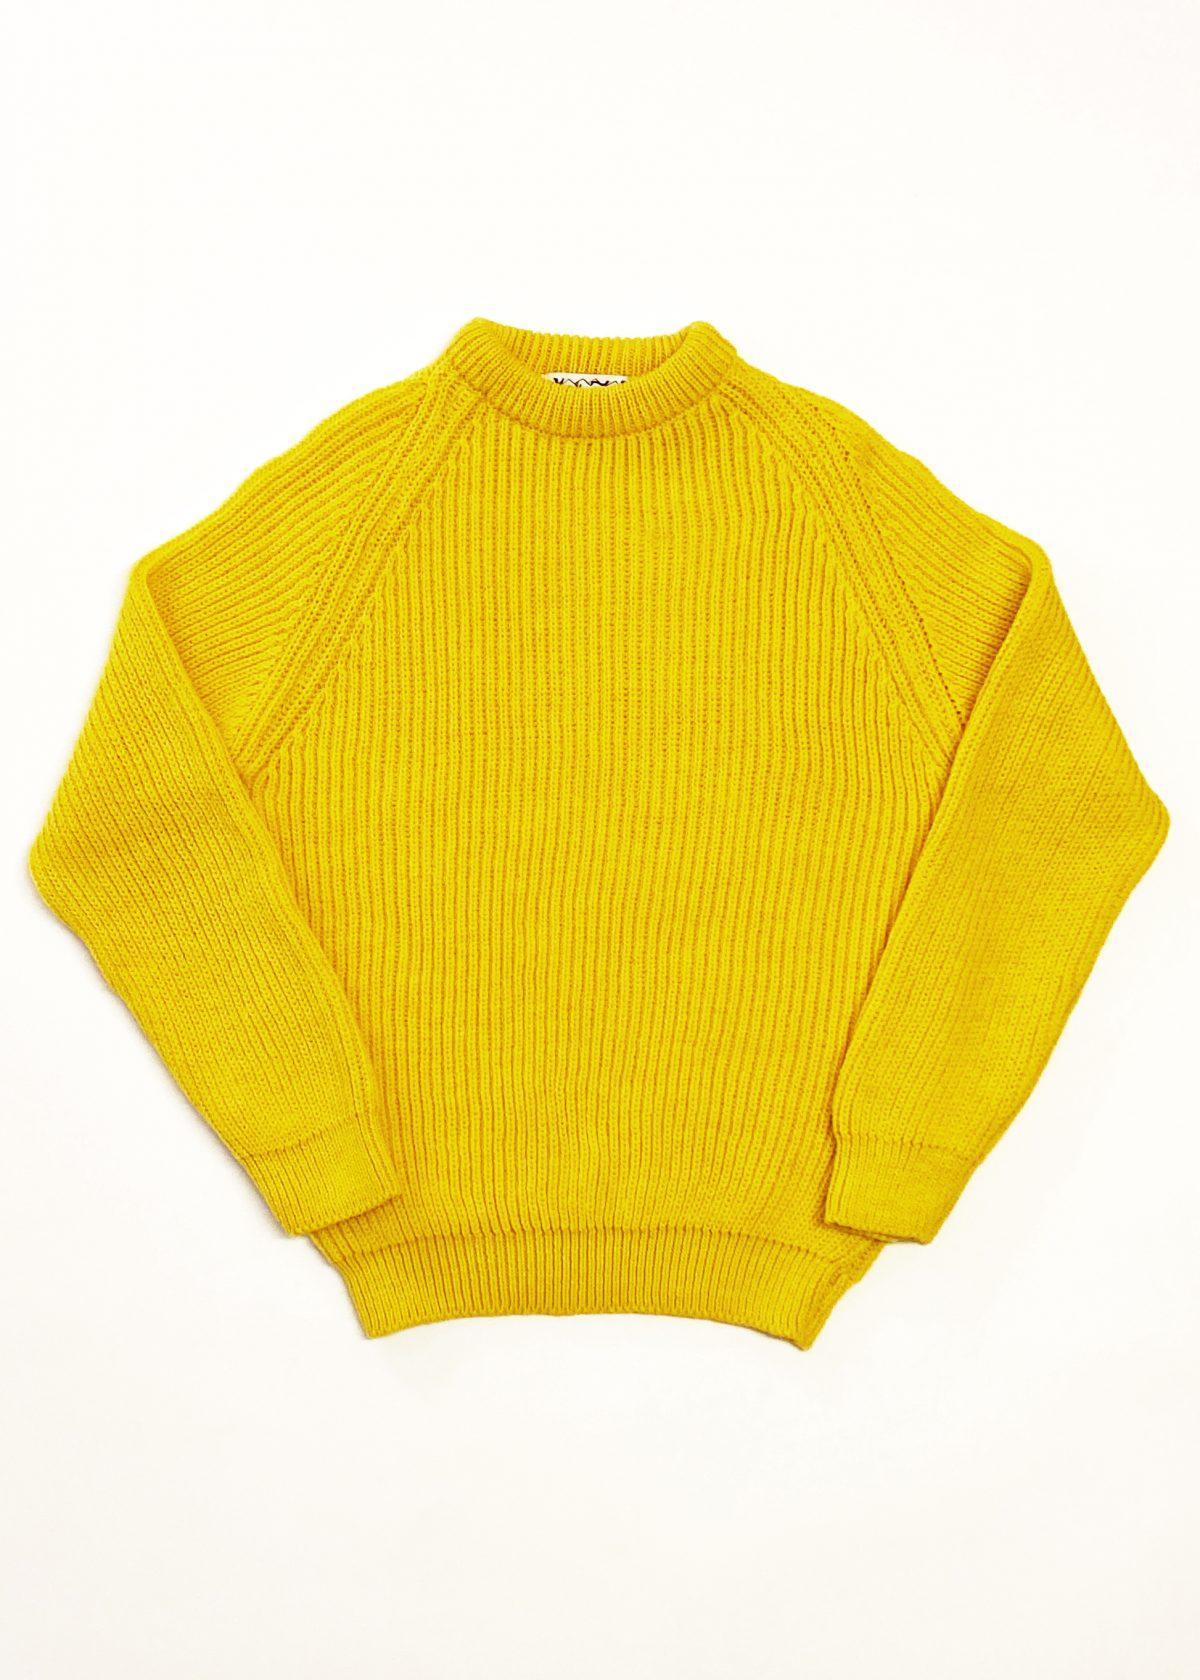 Yellow Sweater